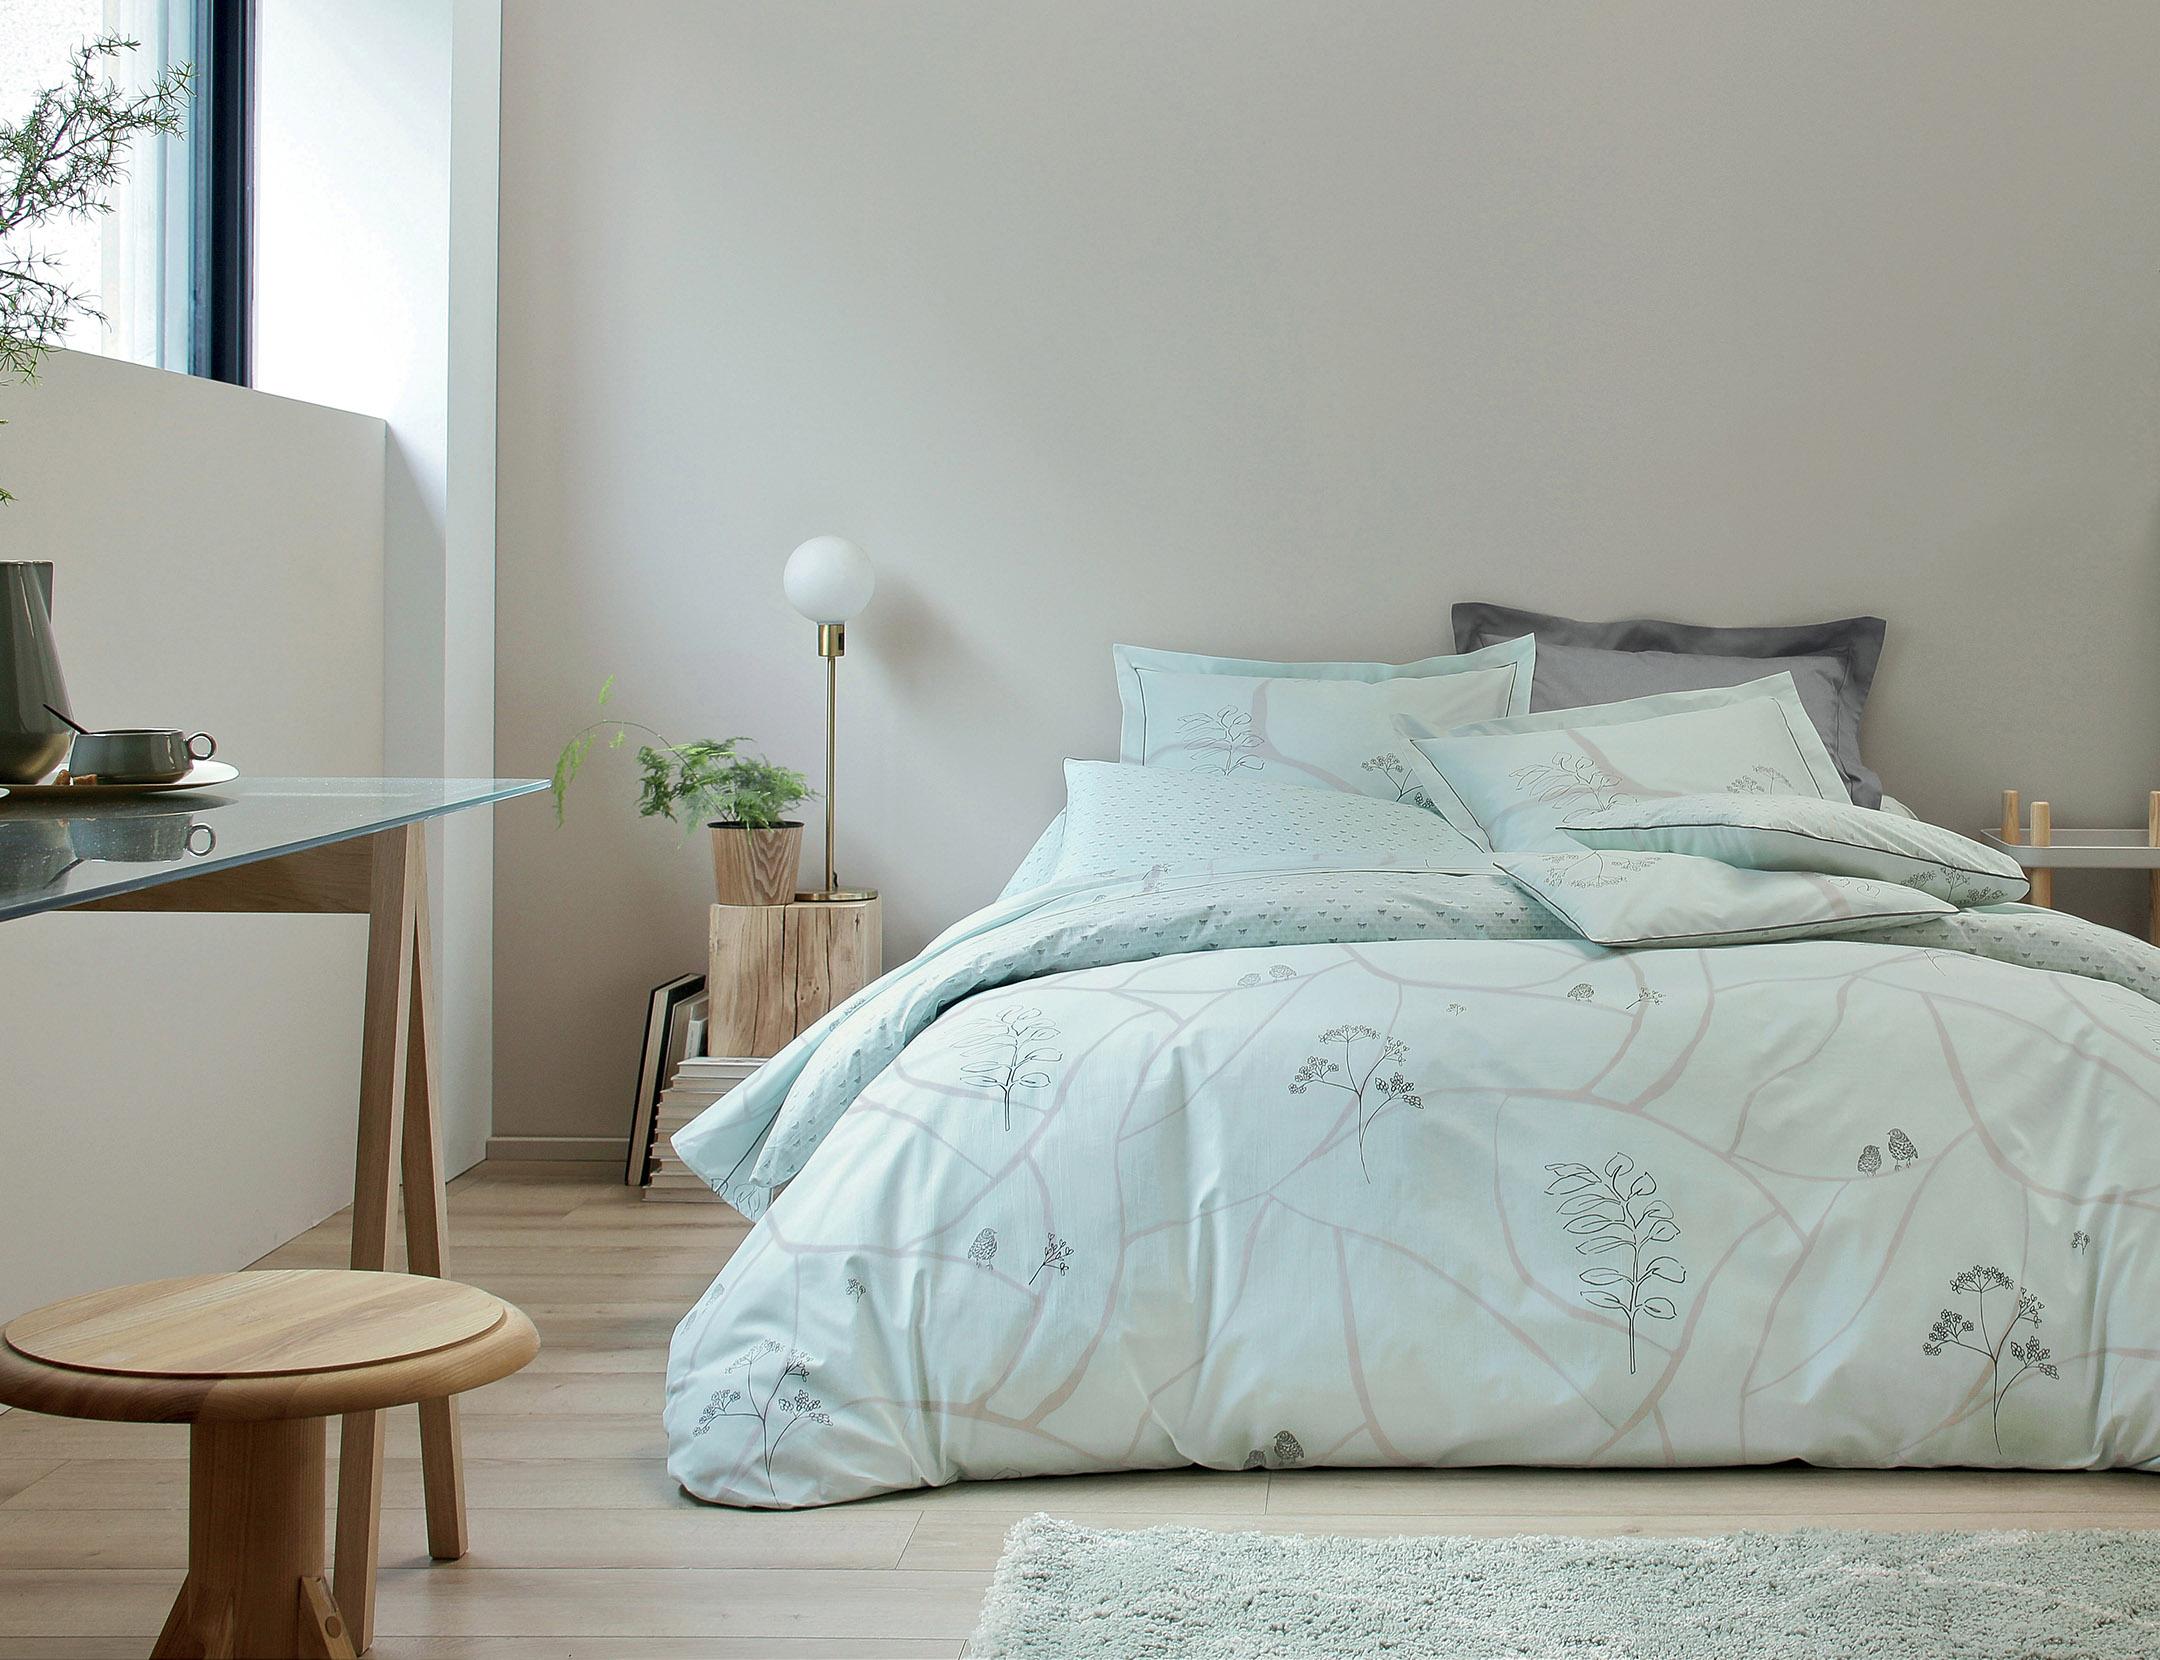 l 39 oiseau drap la boutique blanc des vosges. Black Bedroom Furniture Sets. Home Design Ideas